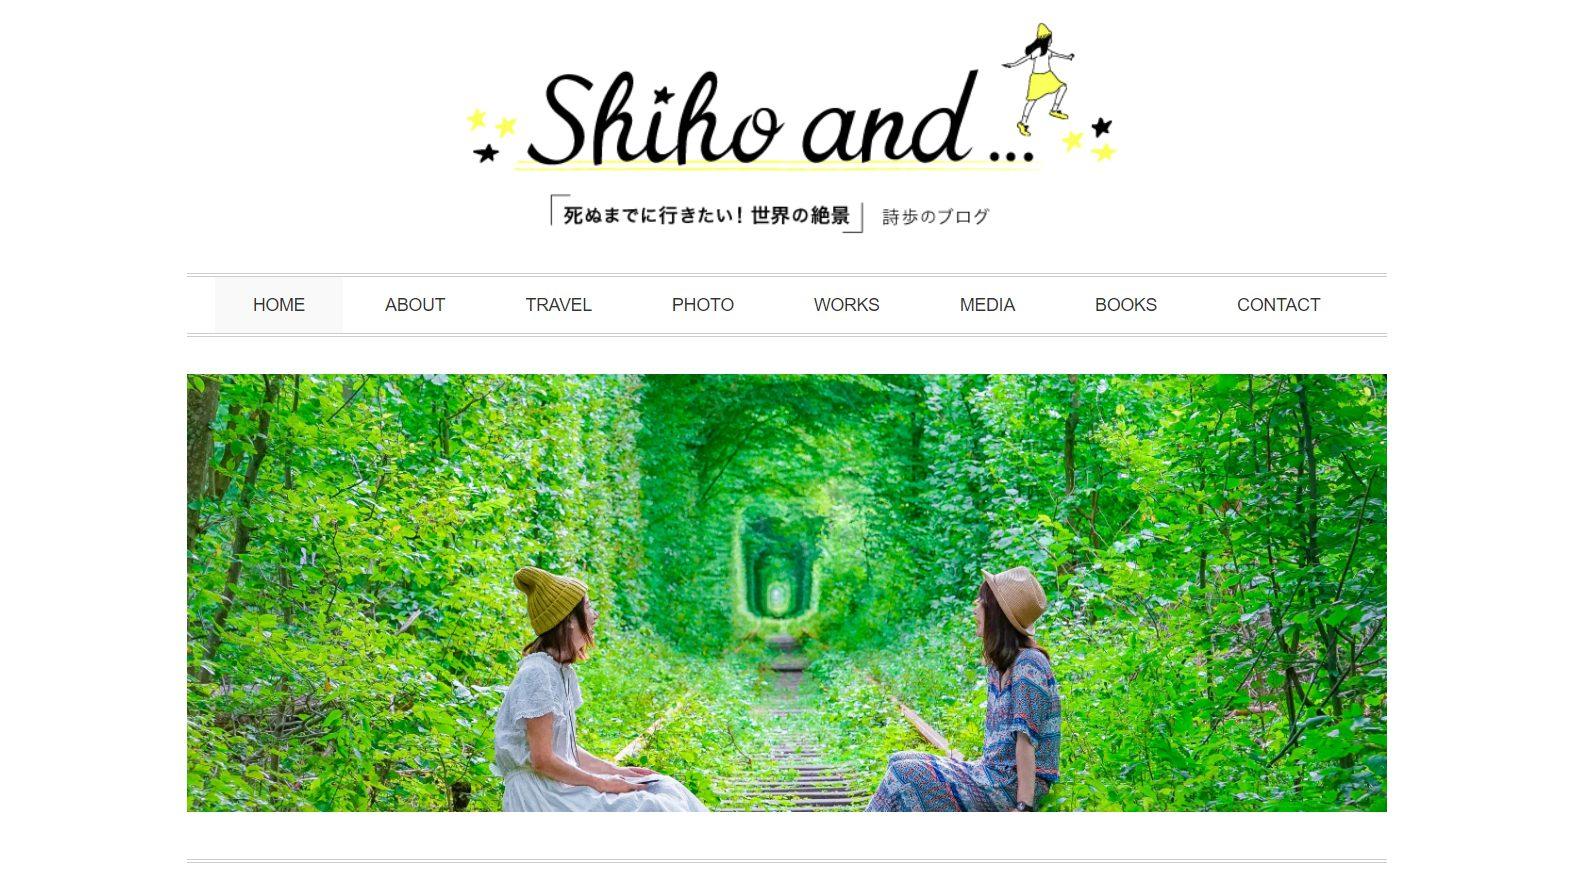 shiho-and